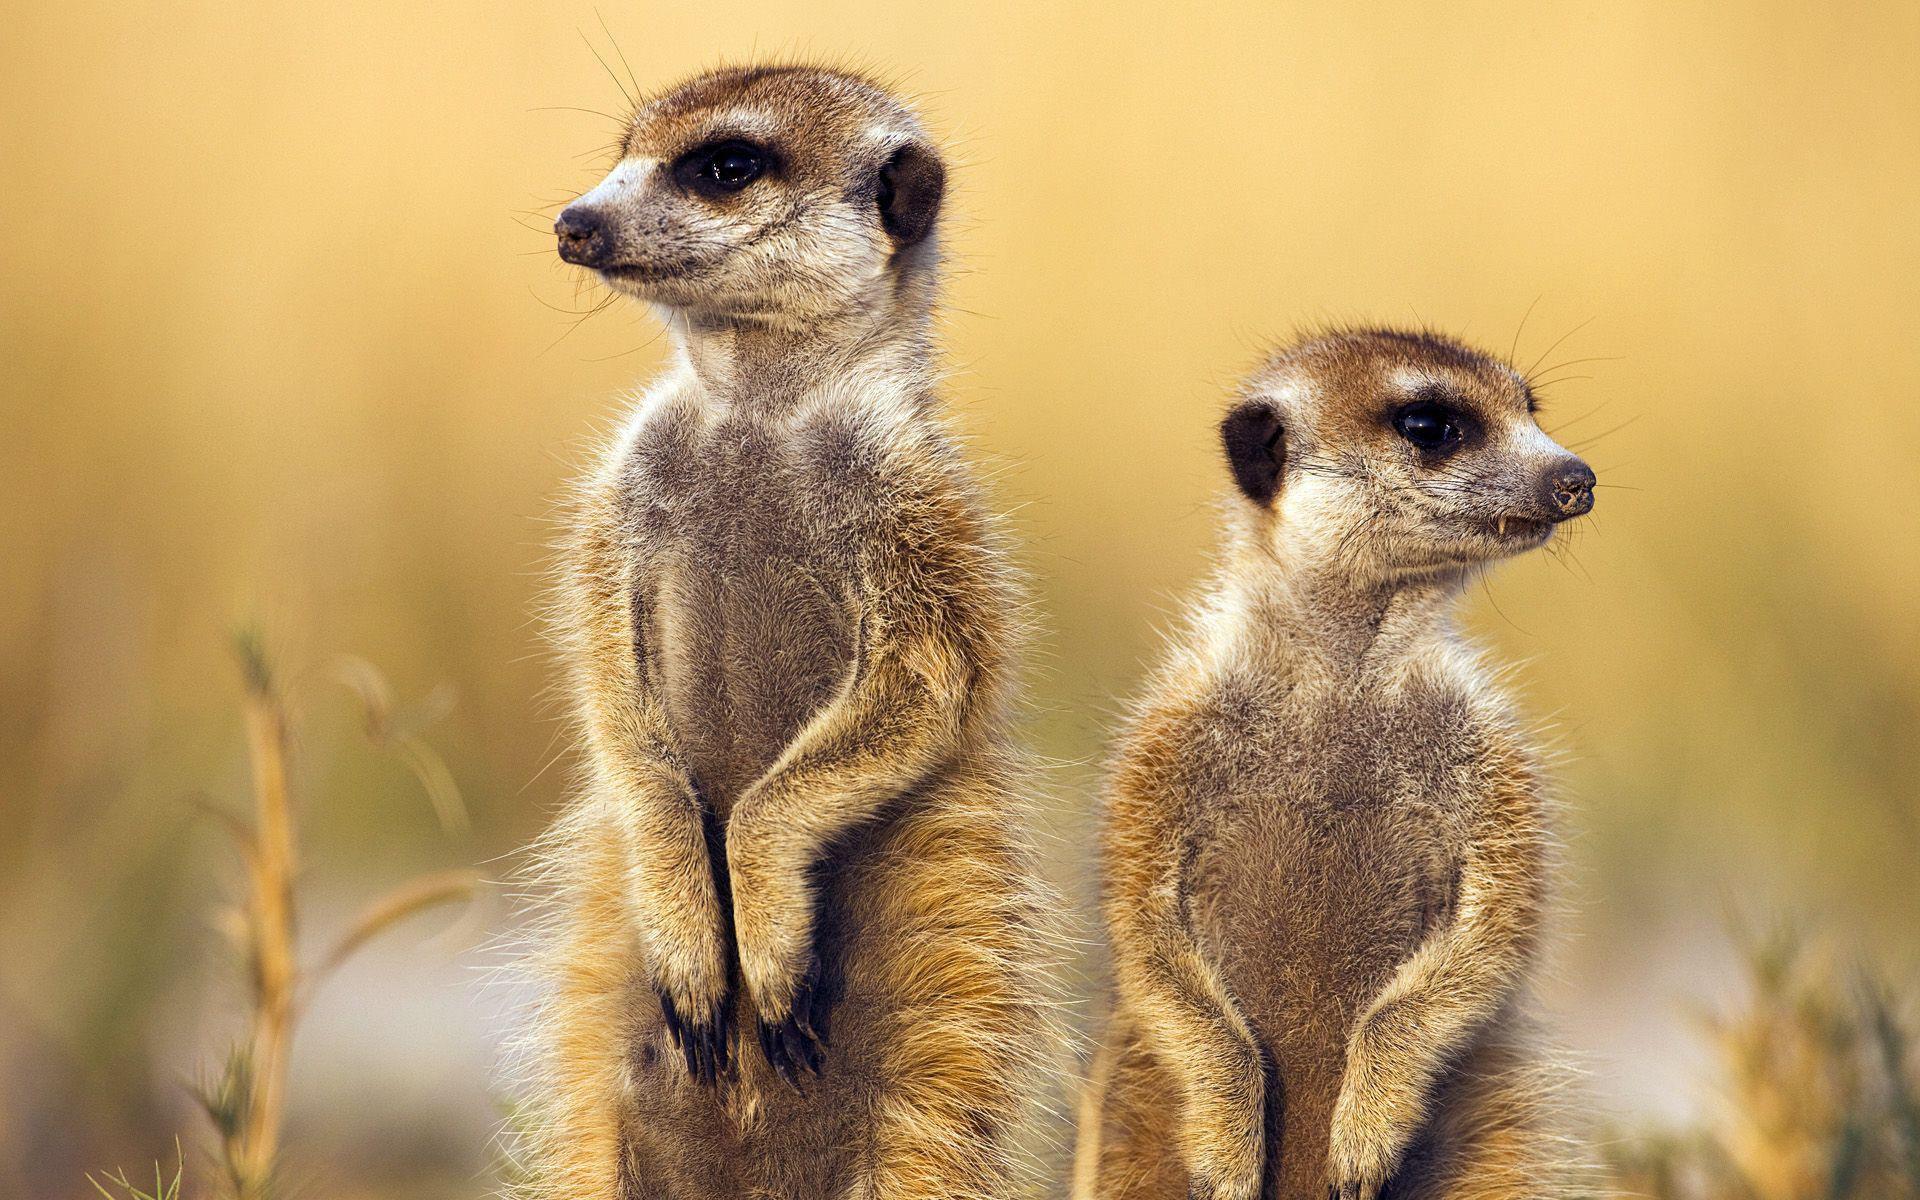 Meerkat Download Free Backgrounds Hd